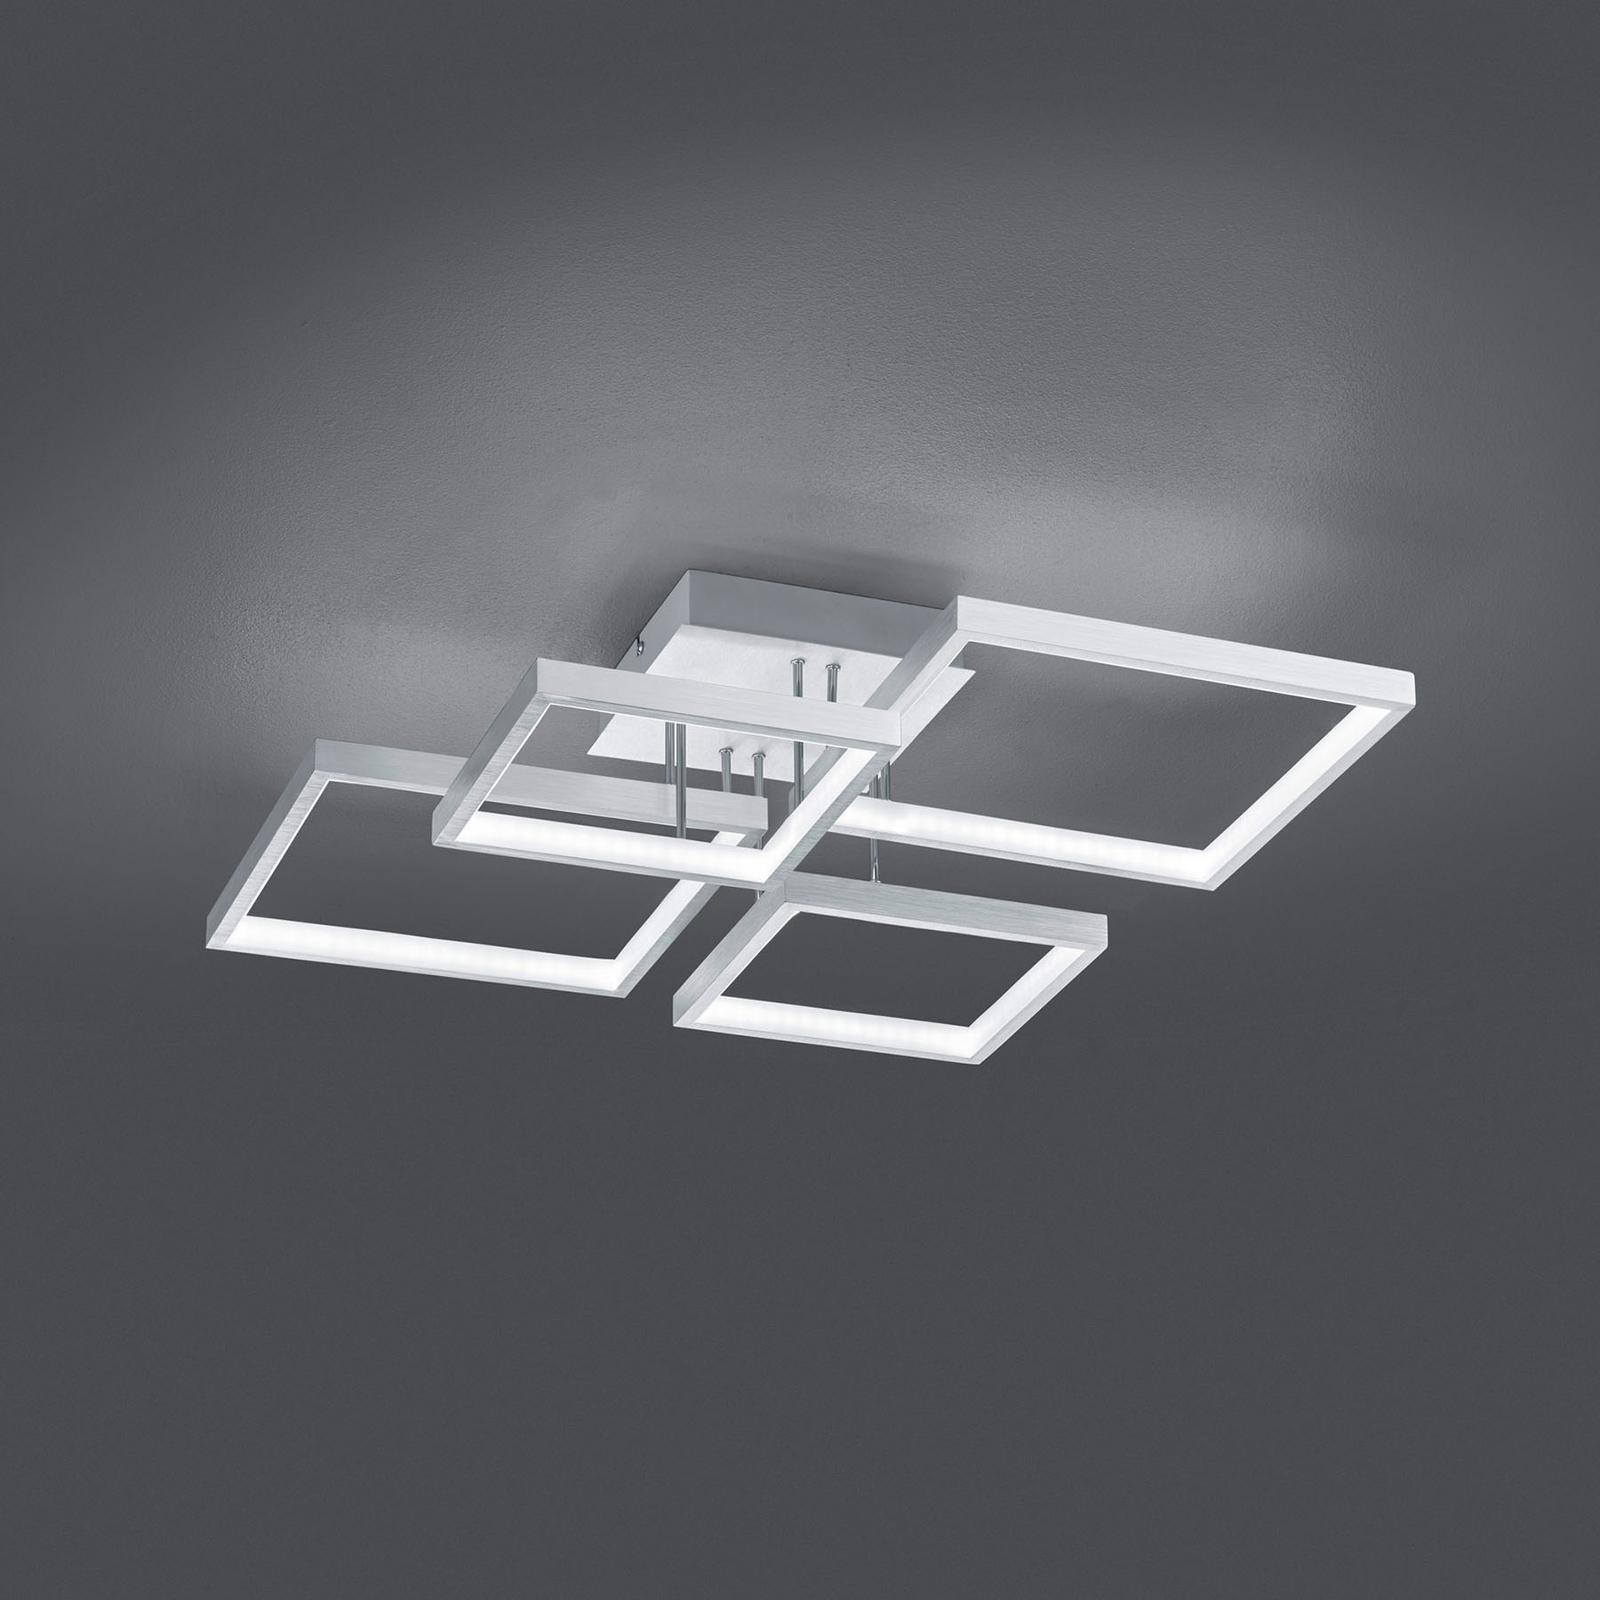 LED stropní světlo Sorrento 52 x 52 cm, hliník